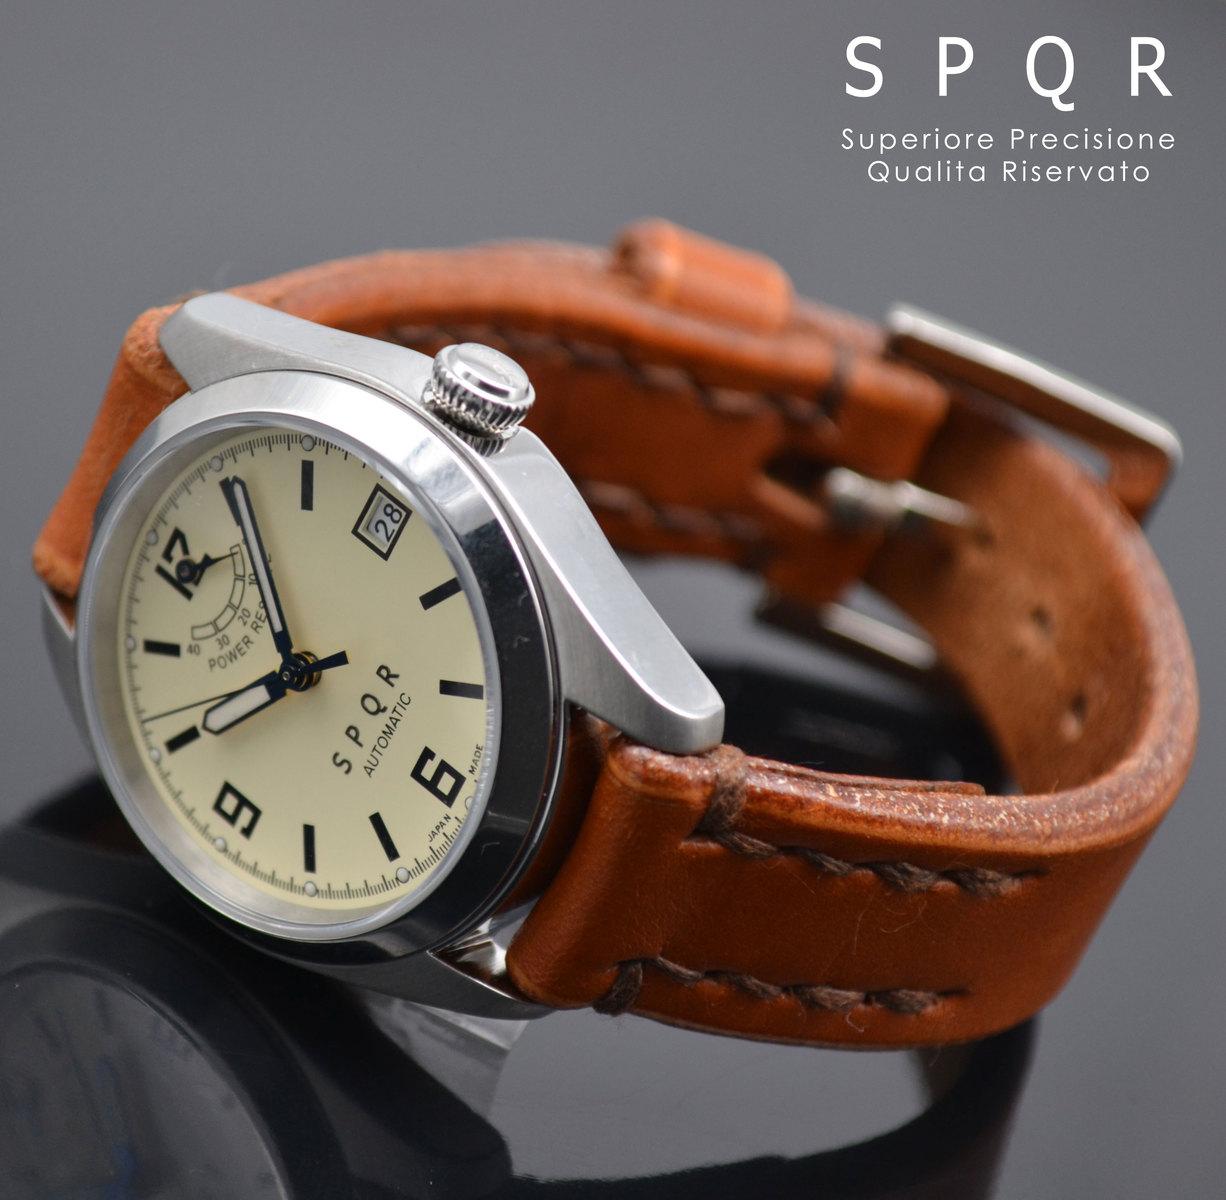 SPQR Ventuno pr (アイボリー/スケルトン)× SOMESサドルレザーバンド 8色から選択 手巻き 自動巻き オートマチック 国産 日本製 スポール